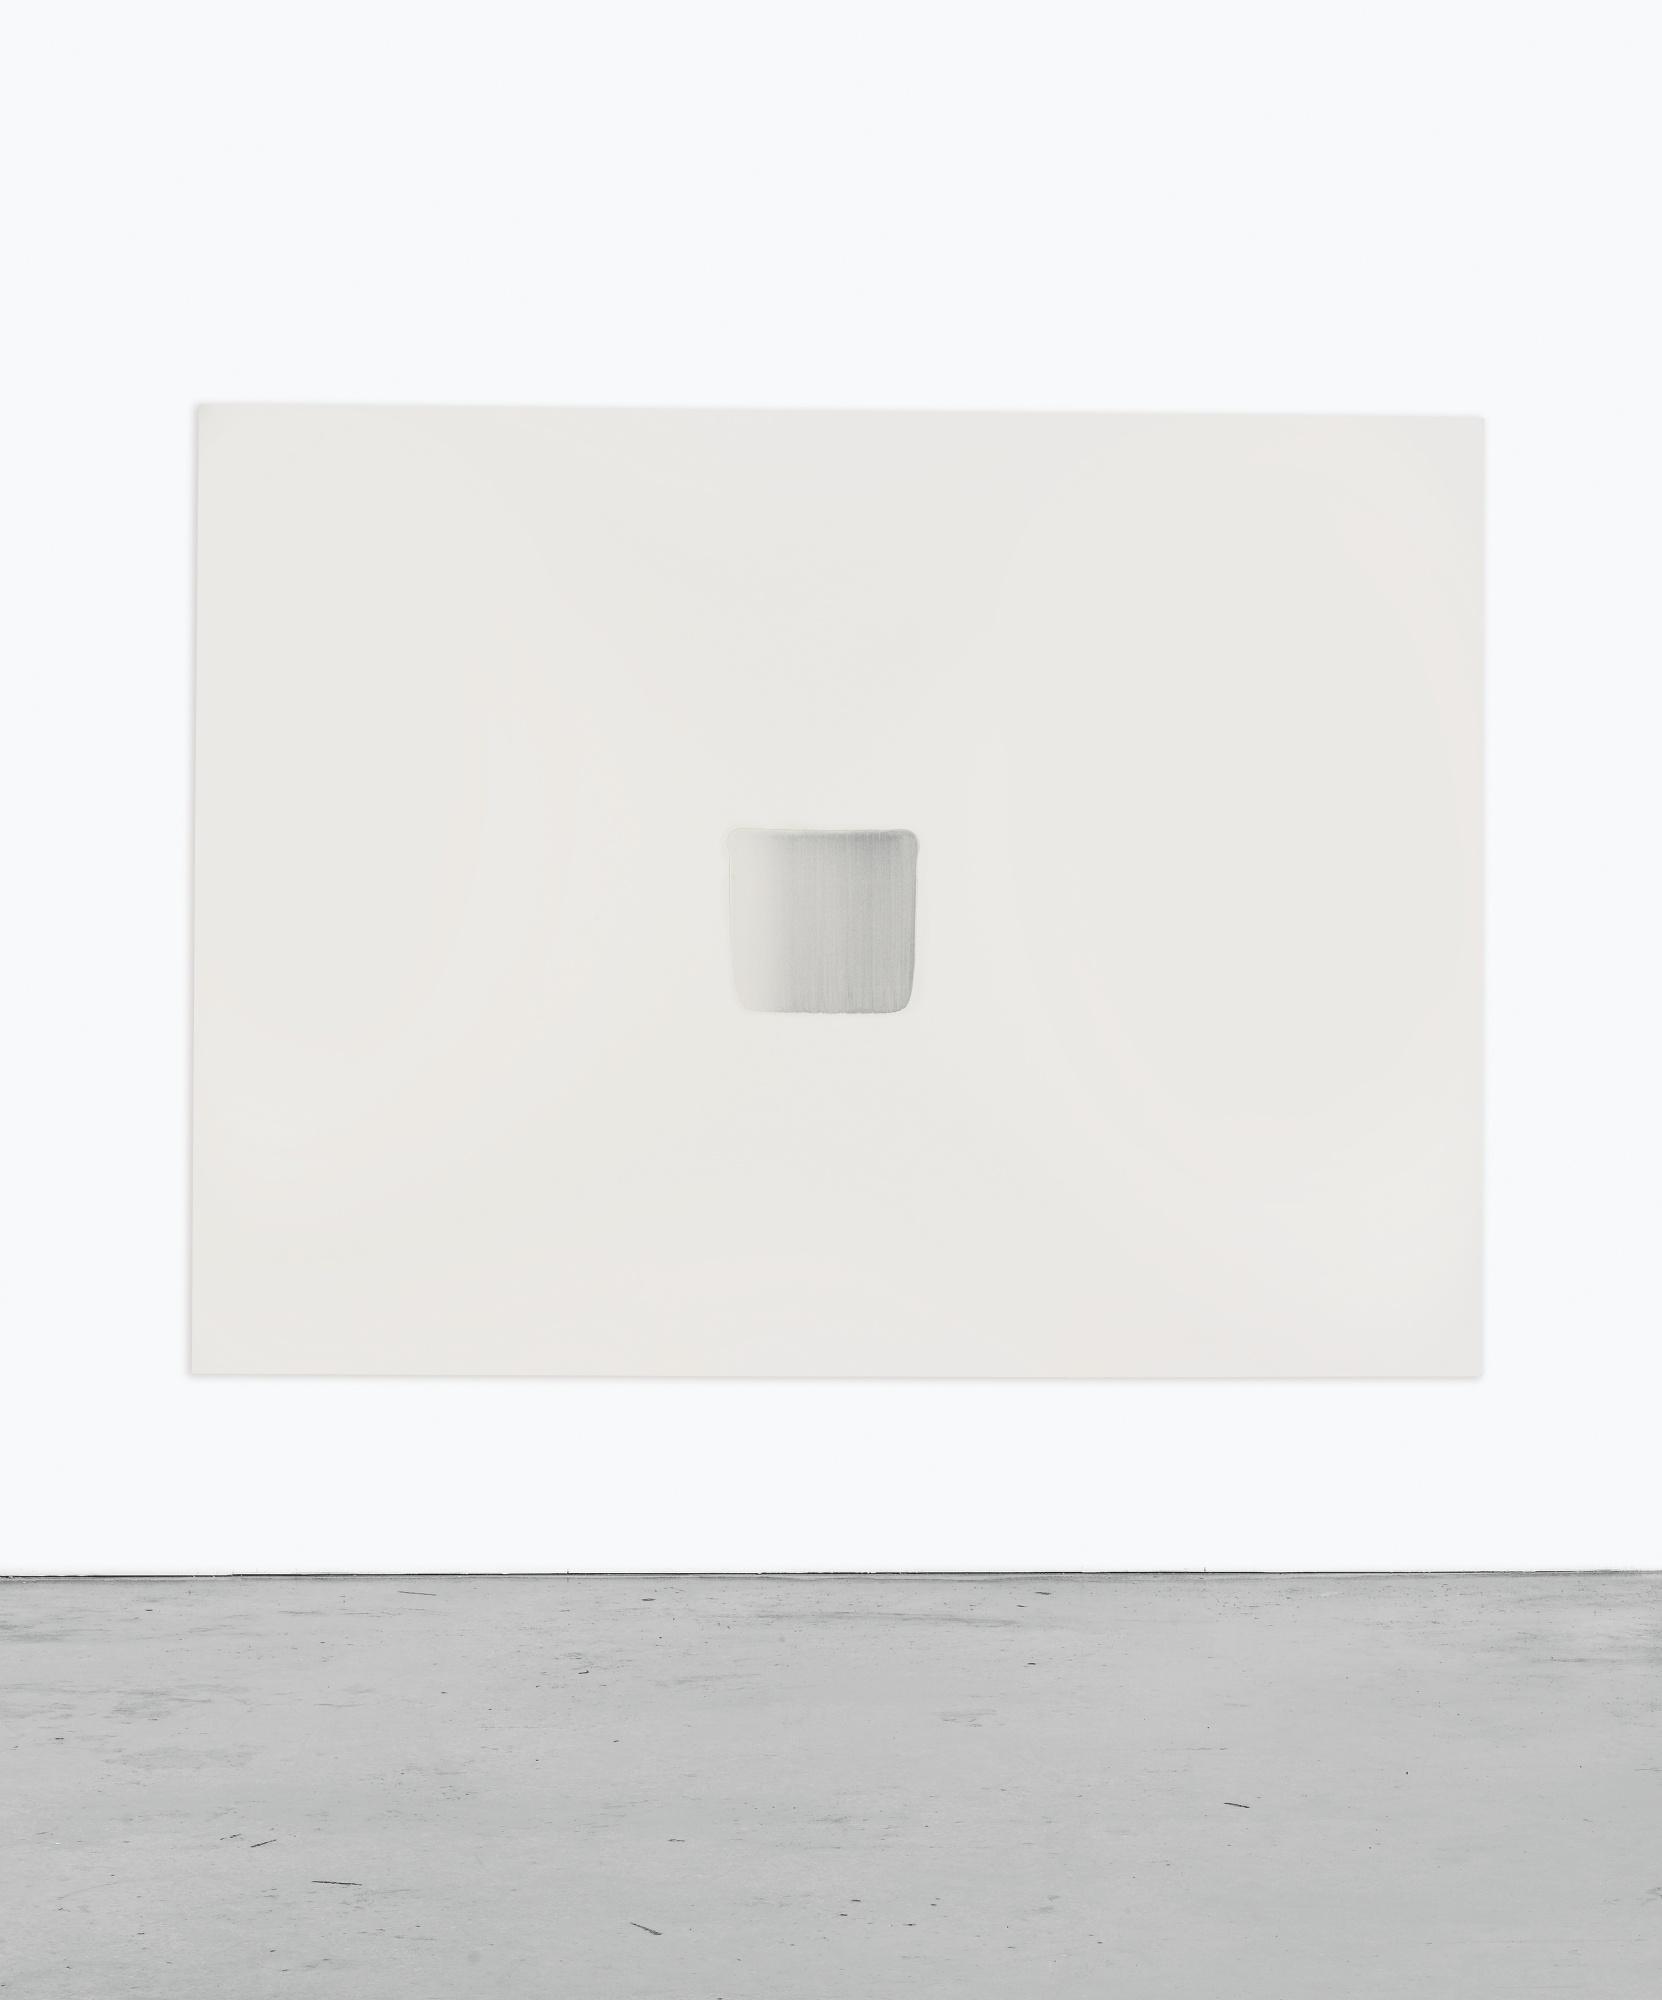 Lee Ufan-Dialogue-2007